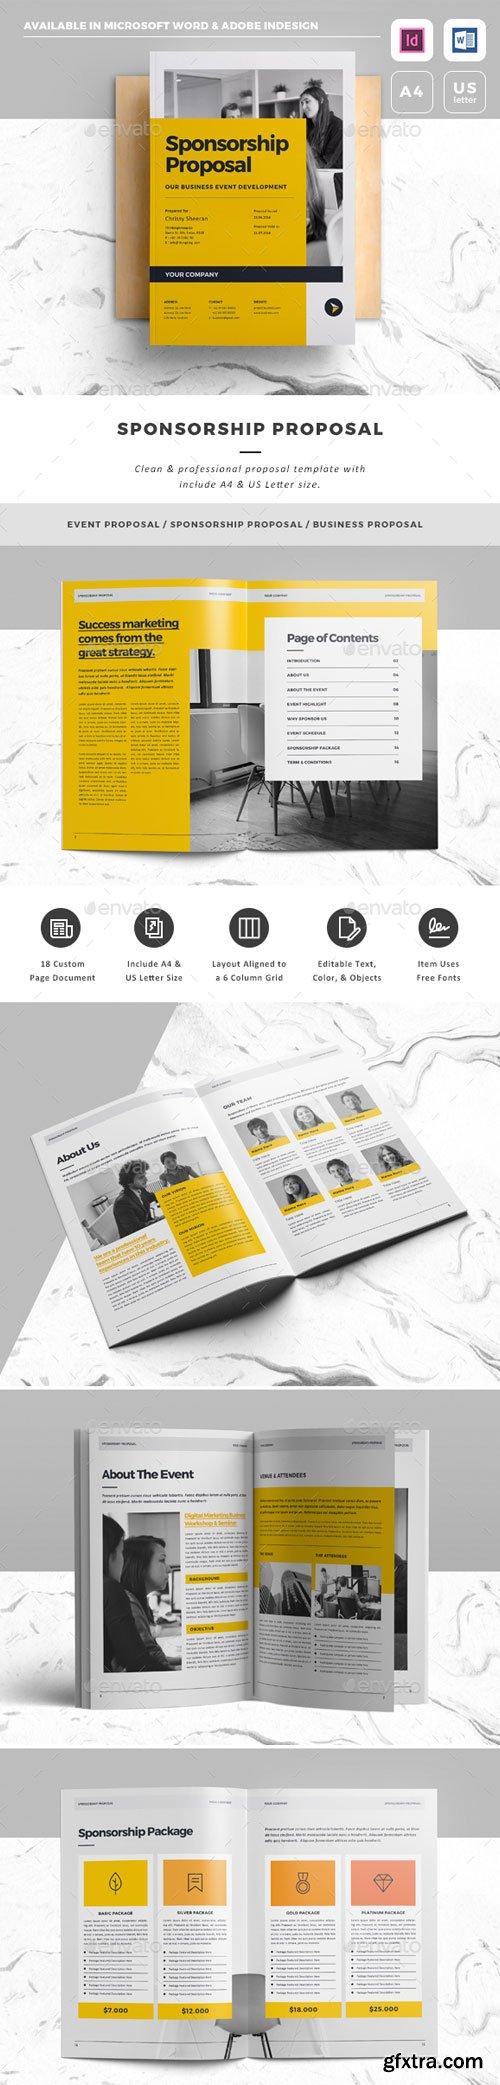 GraphicRiver - Sponsorship Proposal - 20166182 | Brochures ...